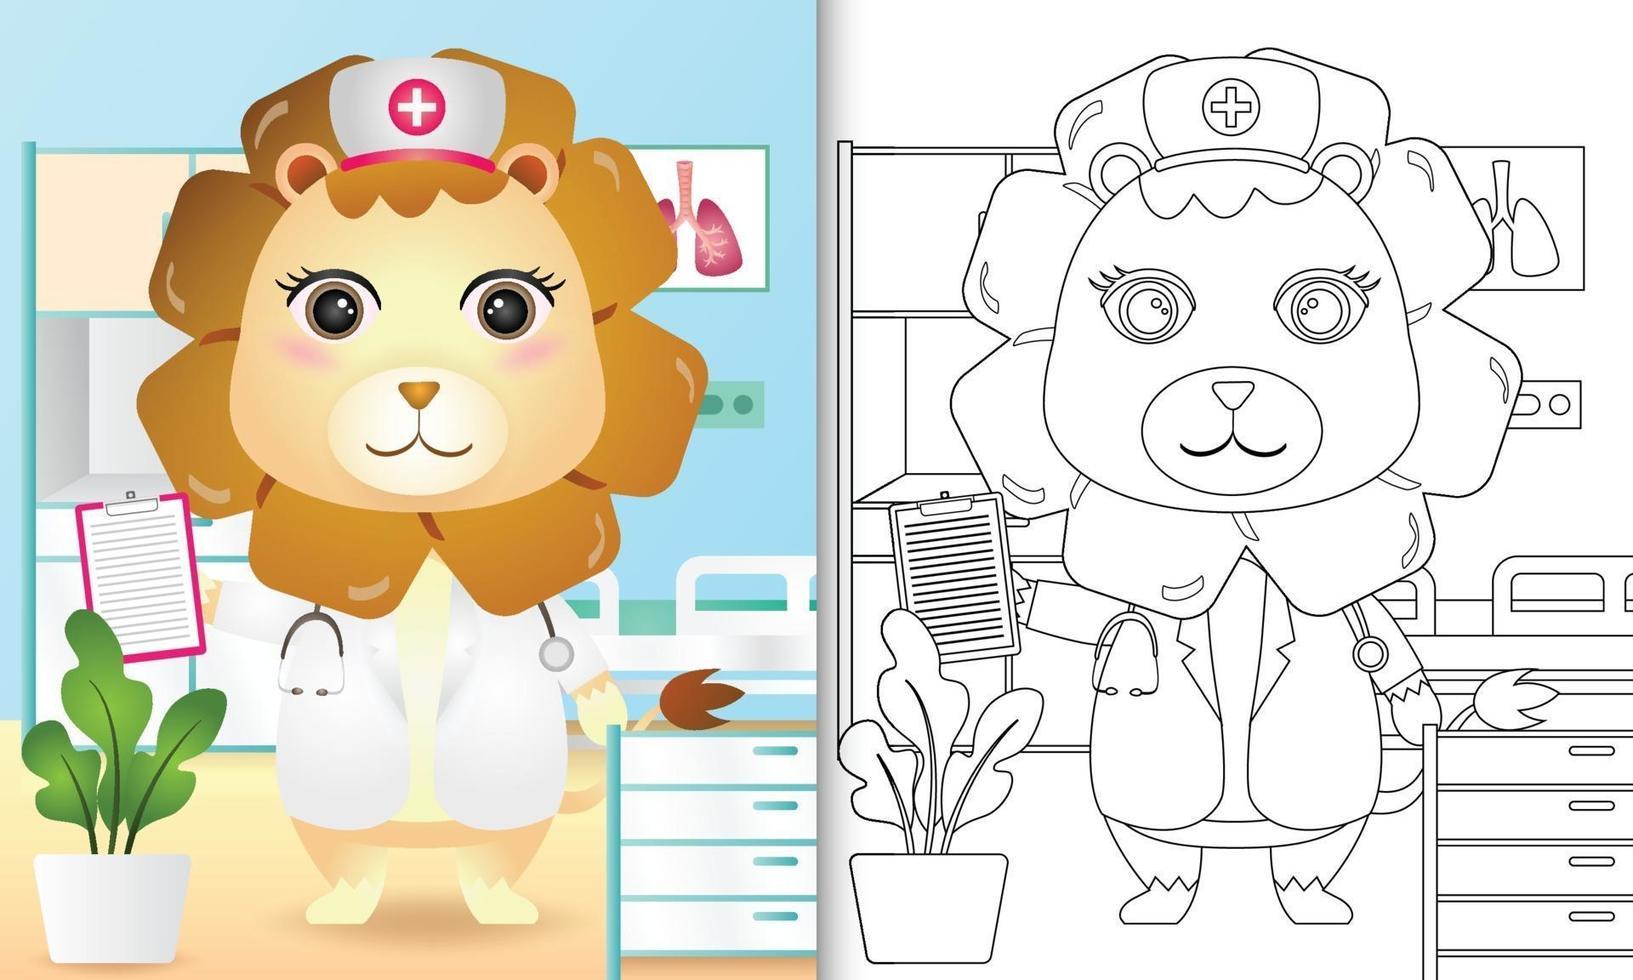 livre de coloriage pour les enfants avec une illustration de personnage mignon infirmière lion vecteur